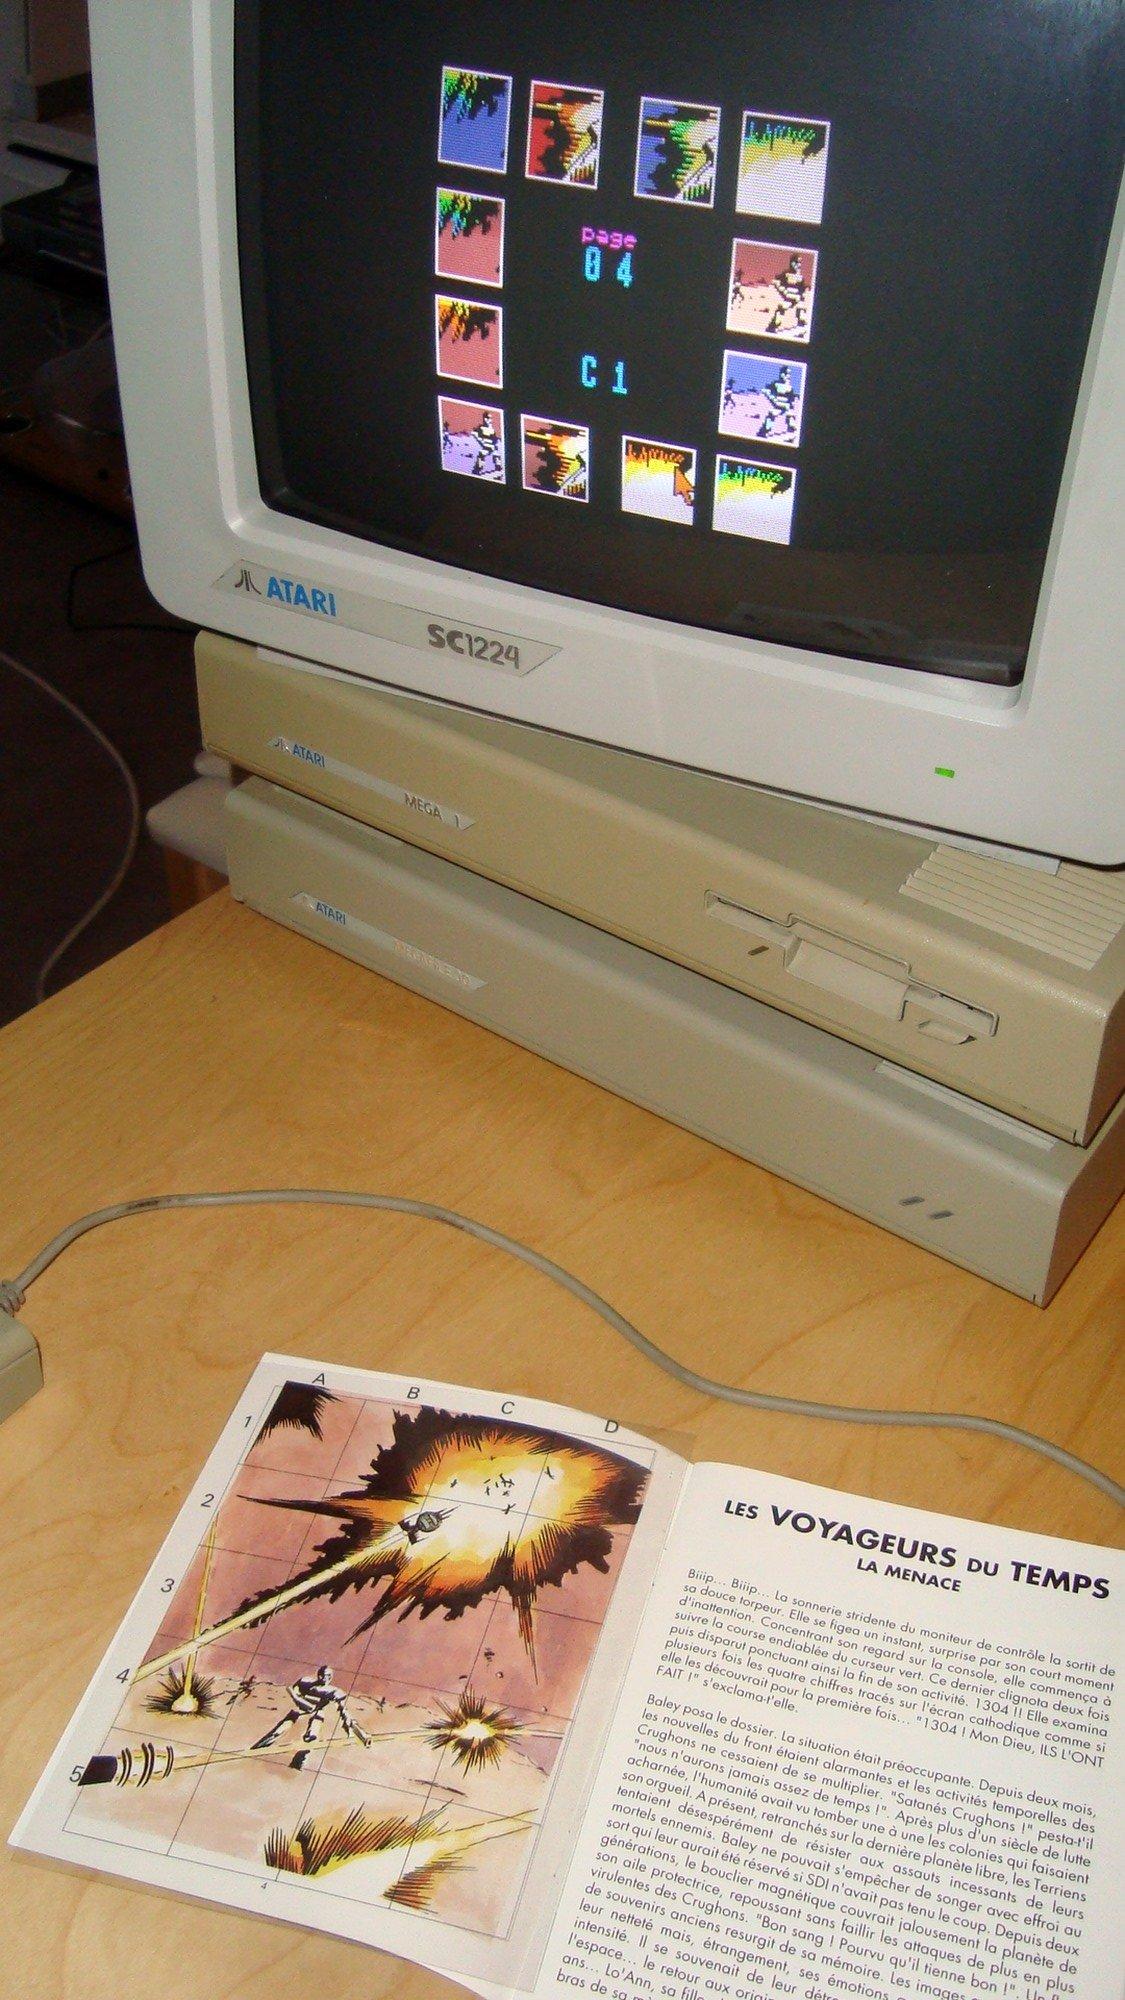 [TEST] Les Voyageurs du Temps - Atari ST 201027062252811202